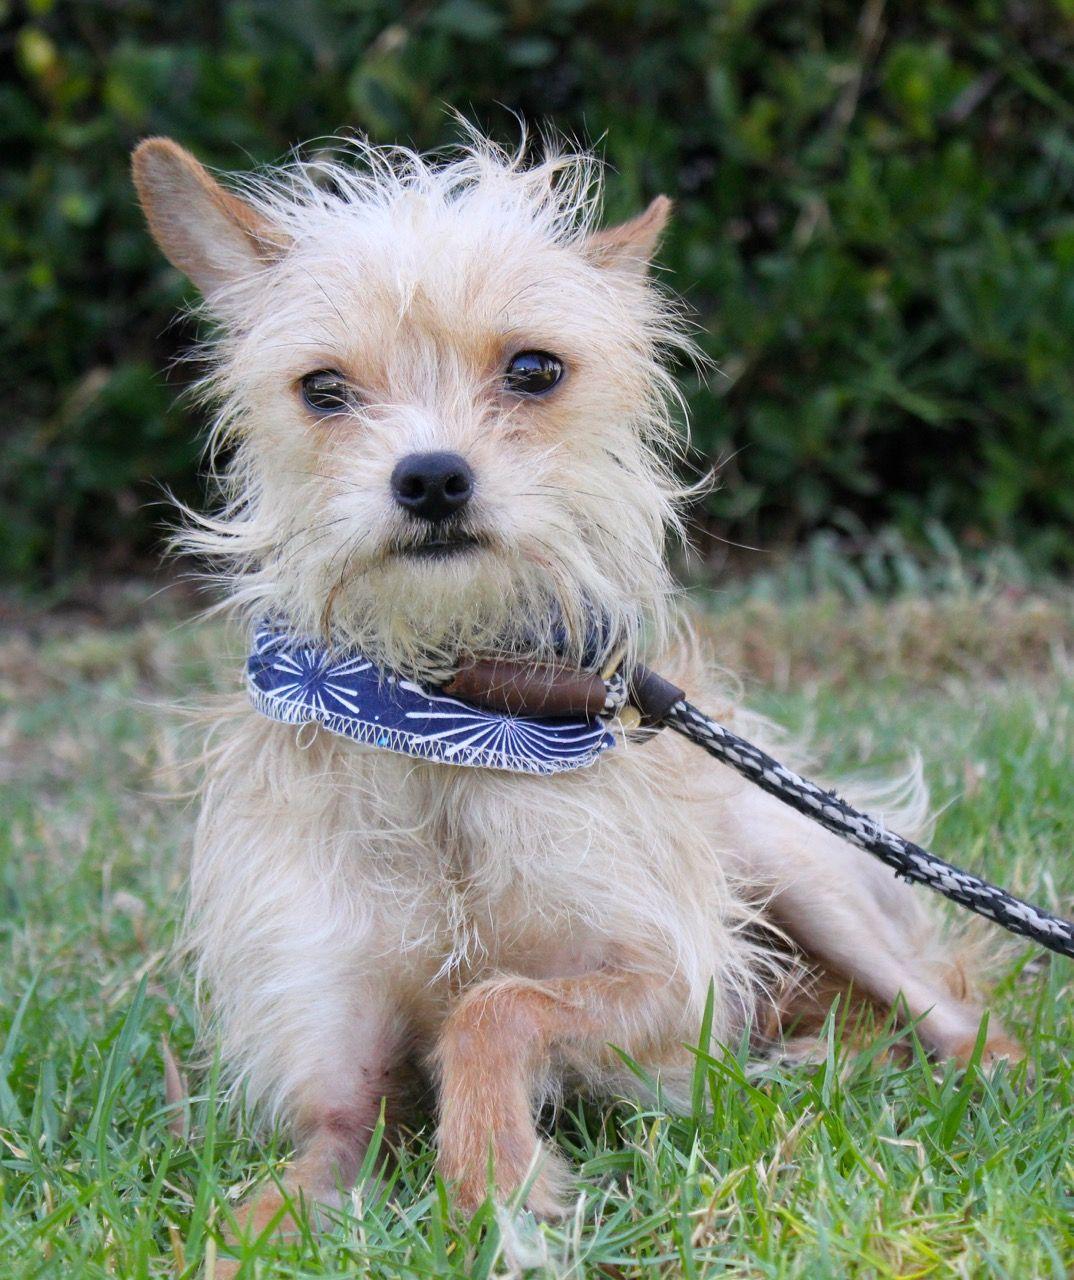 Toxirn Dog For Adoption In El Cajon Ca Adn 605611 On Puppyfinder